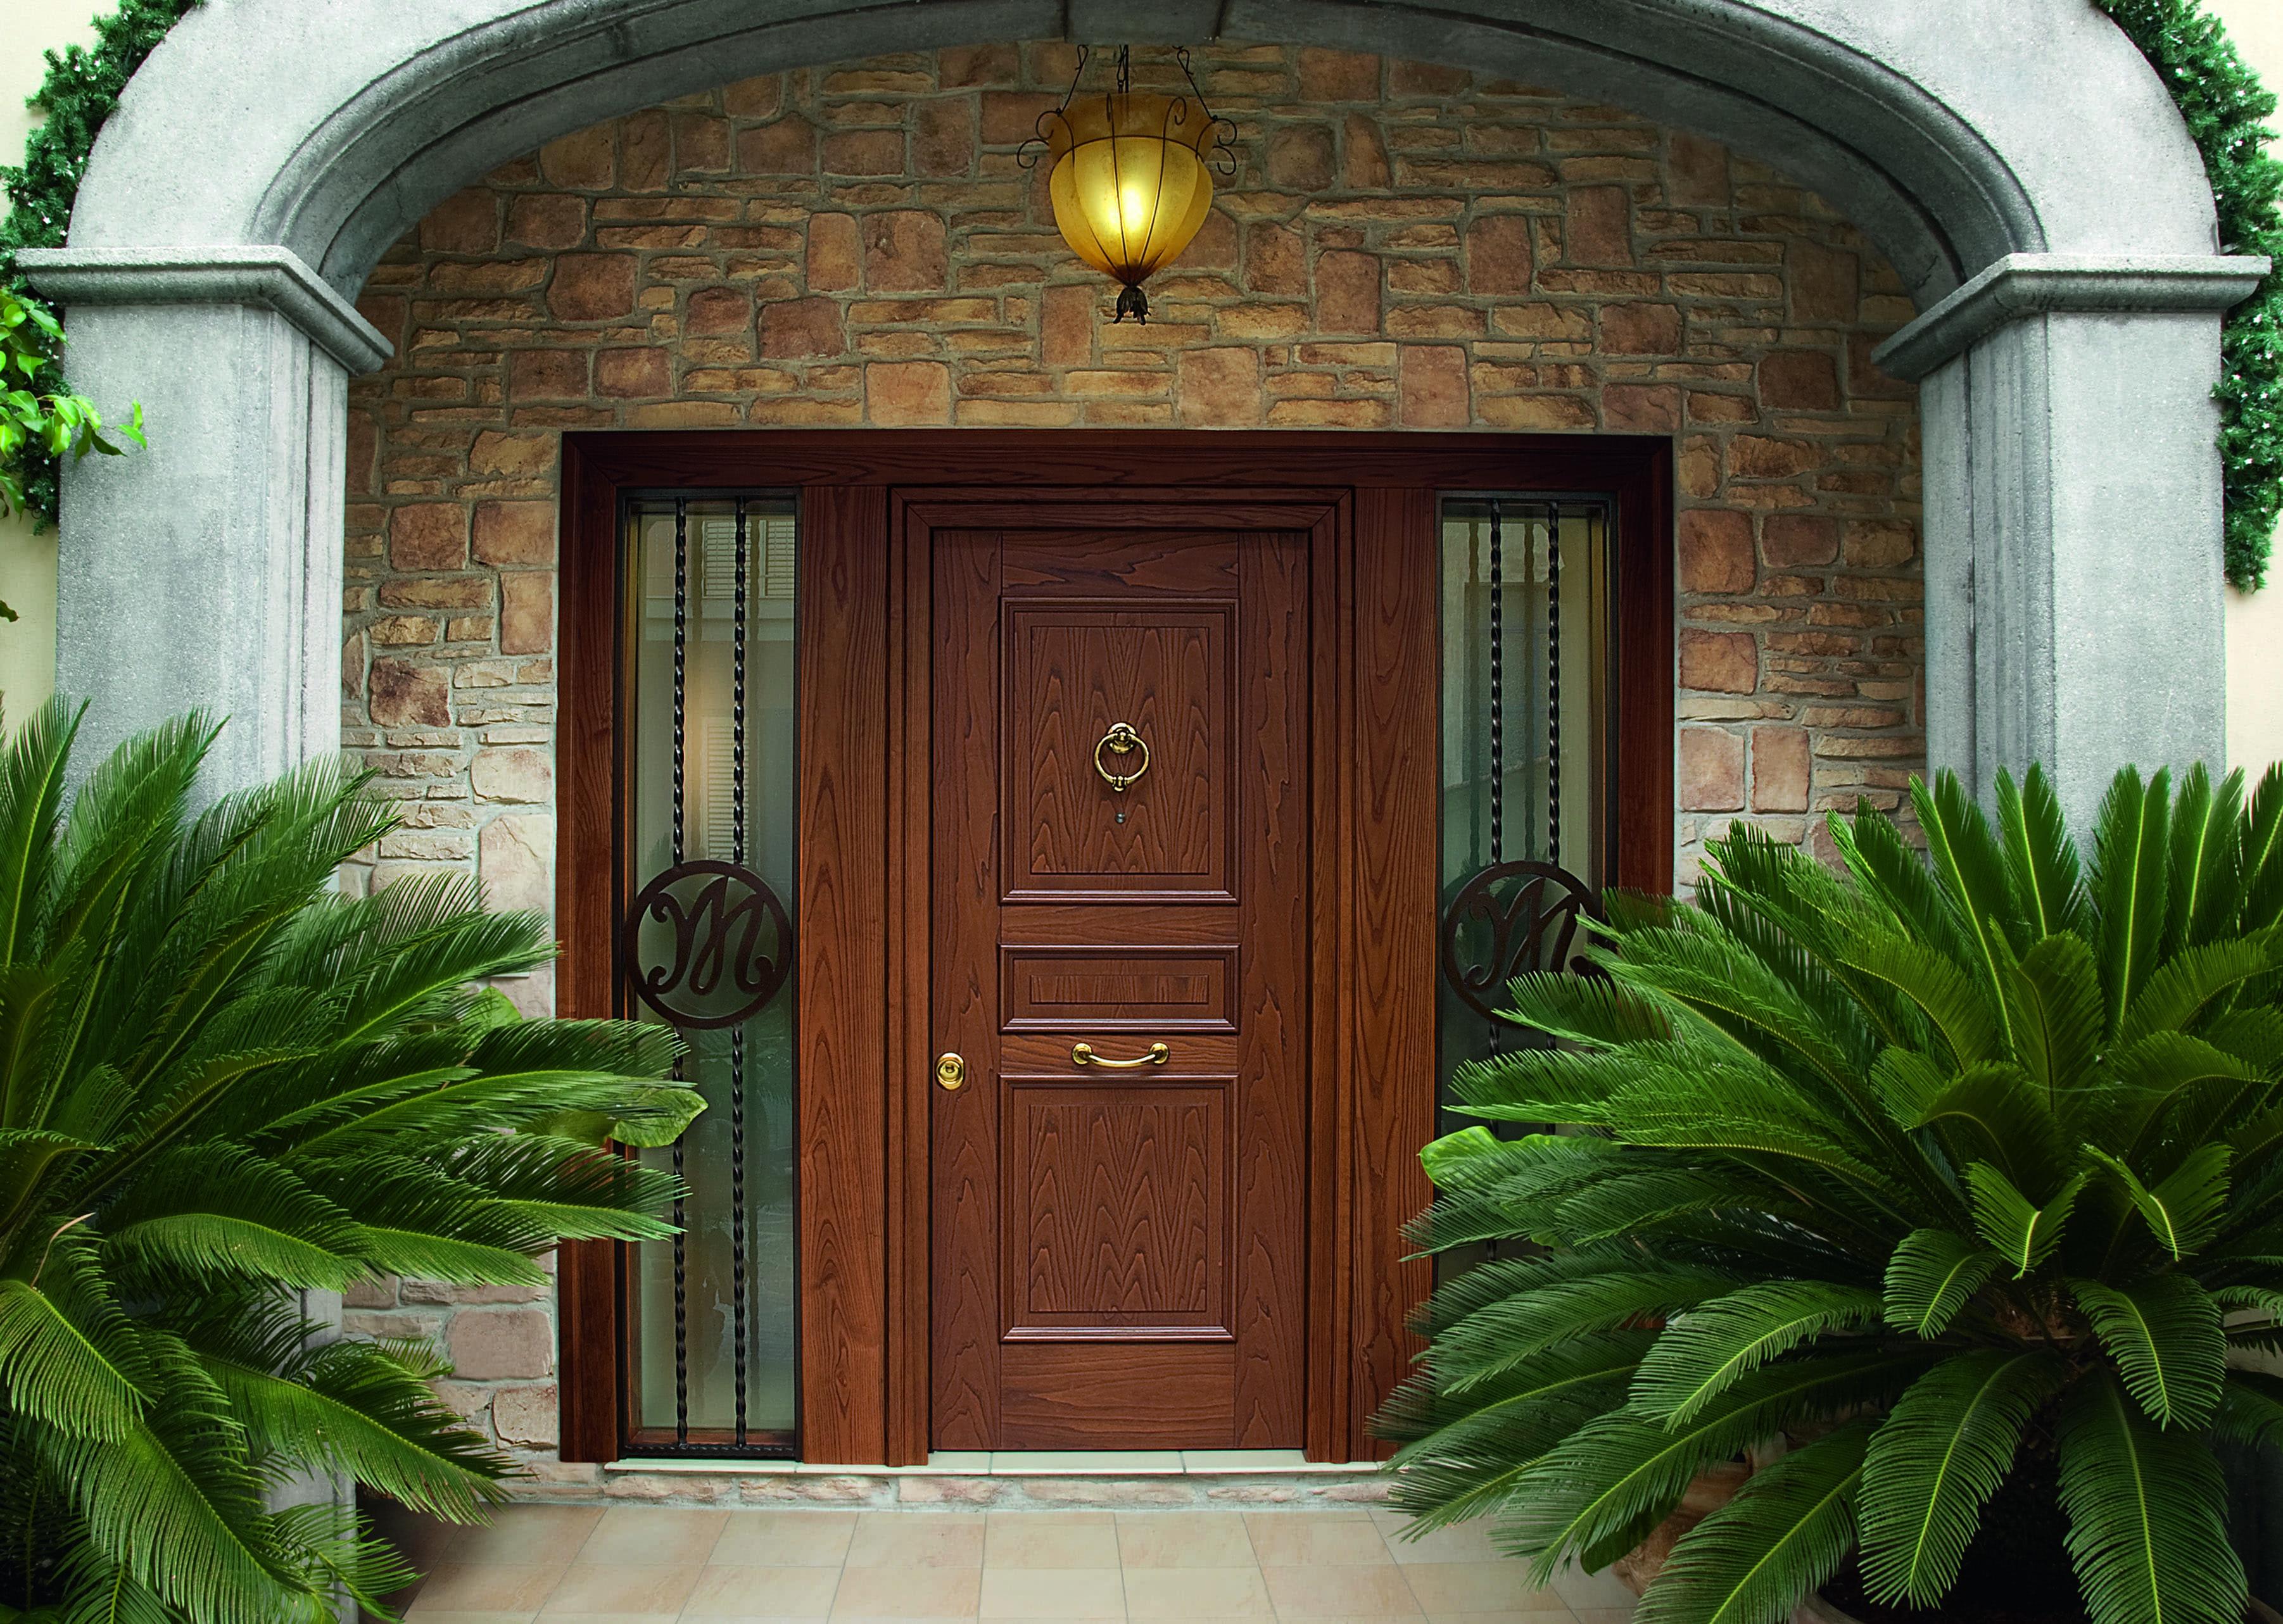 Evolution Entry Door Heartwood Line Lmv Classica Chestnut 3 Side Panel It Can Be Realized According To A Door Glass Design Exterior Doors Italian Doors